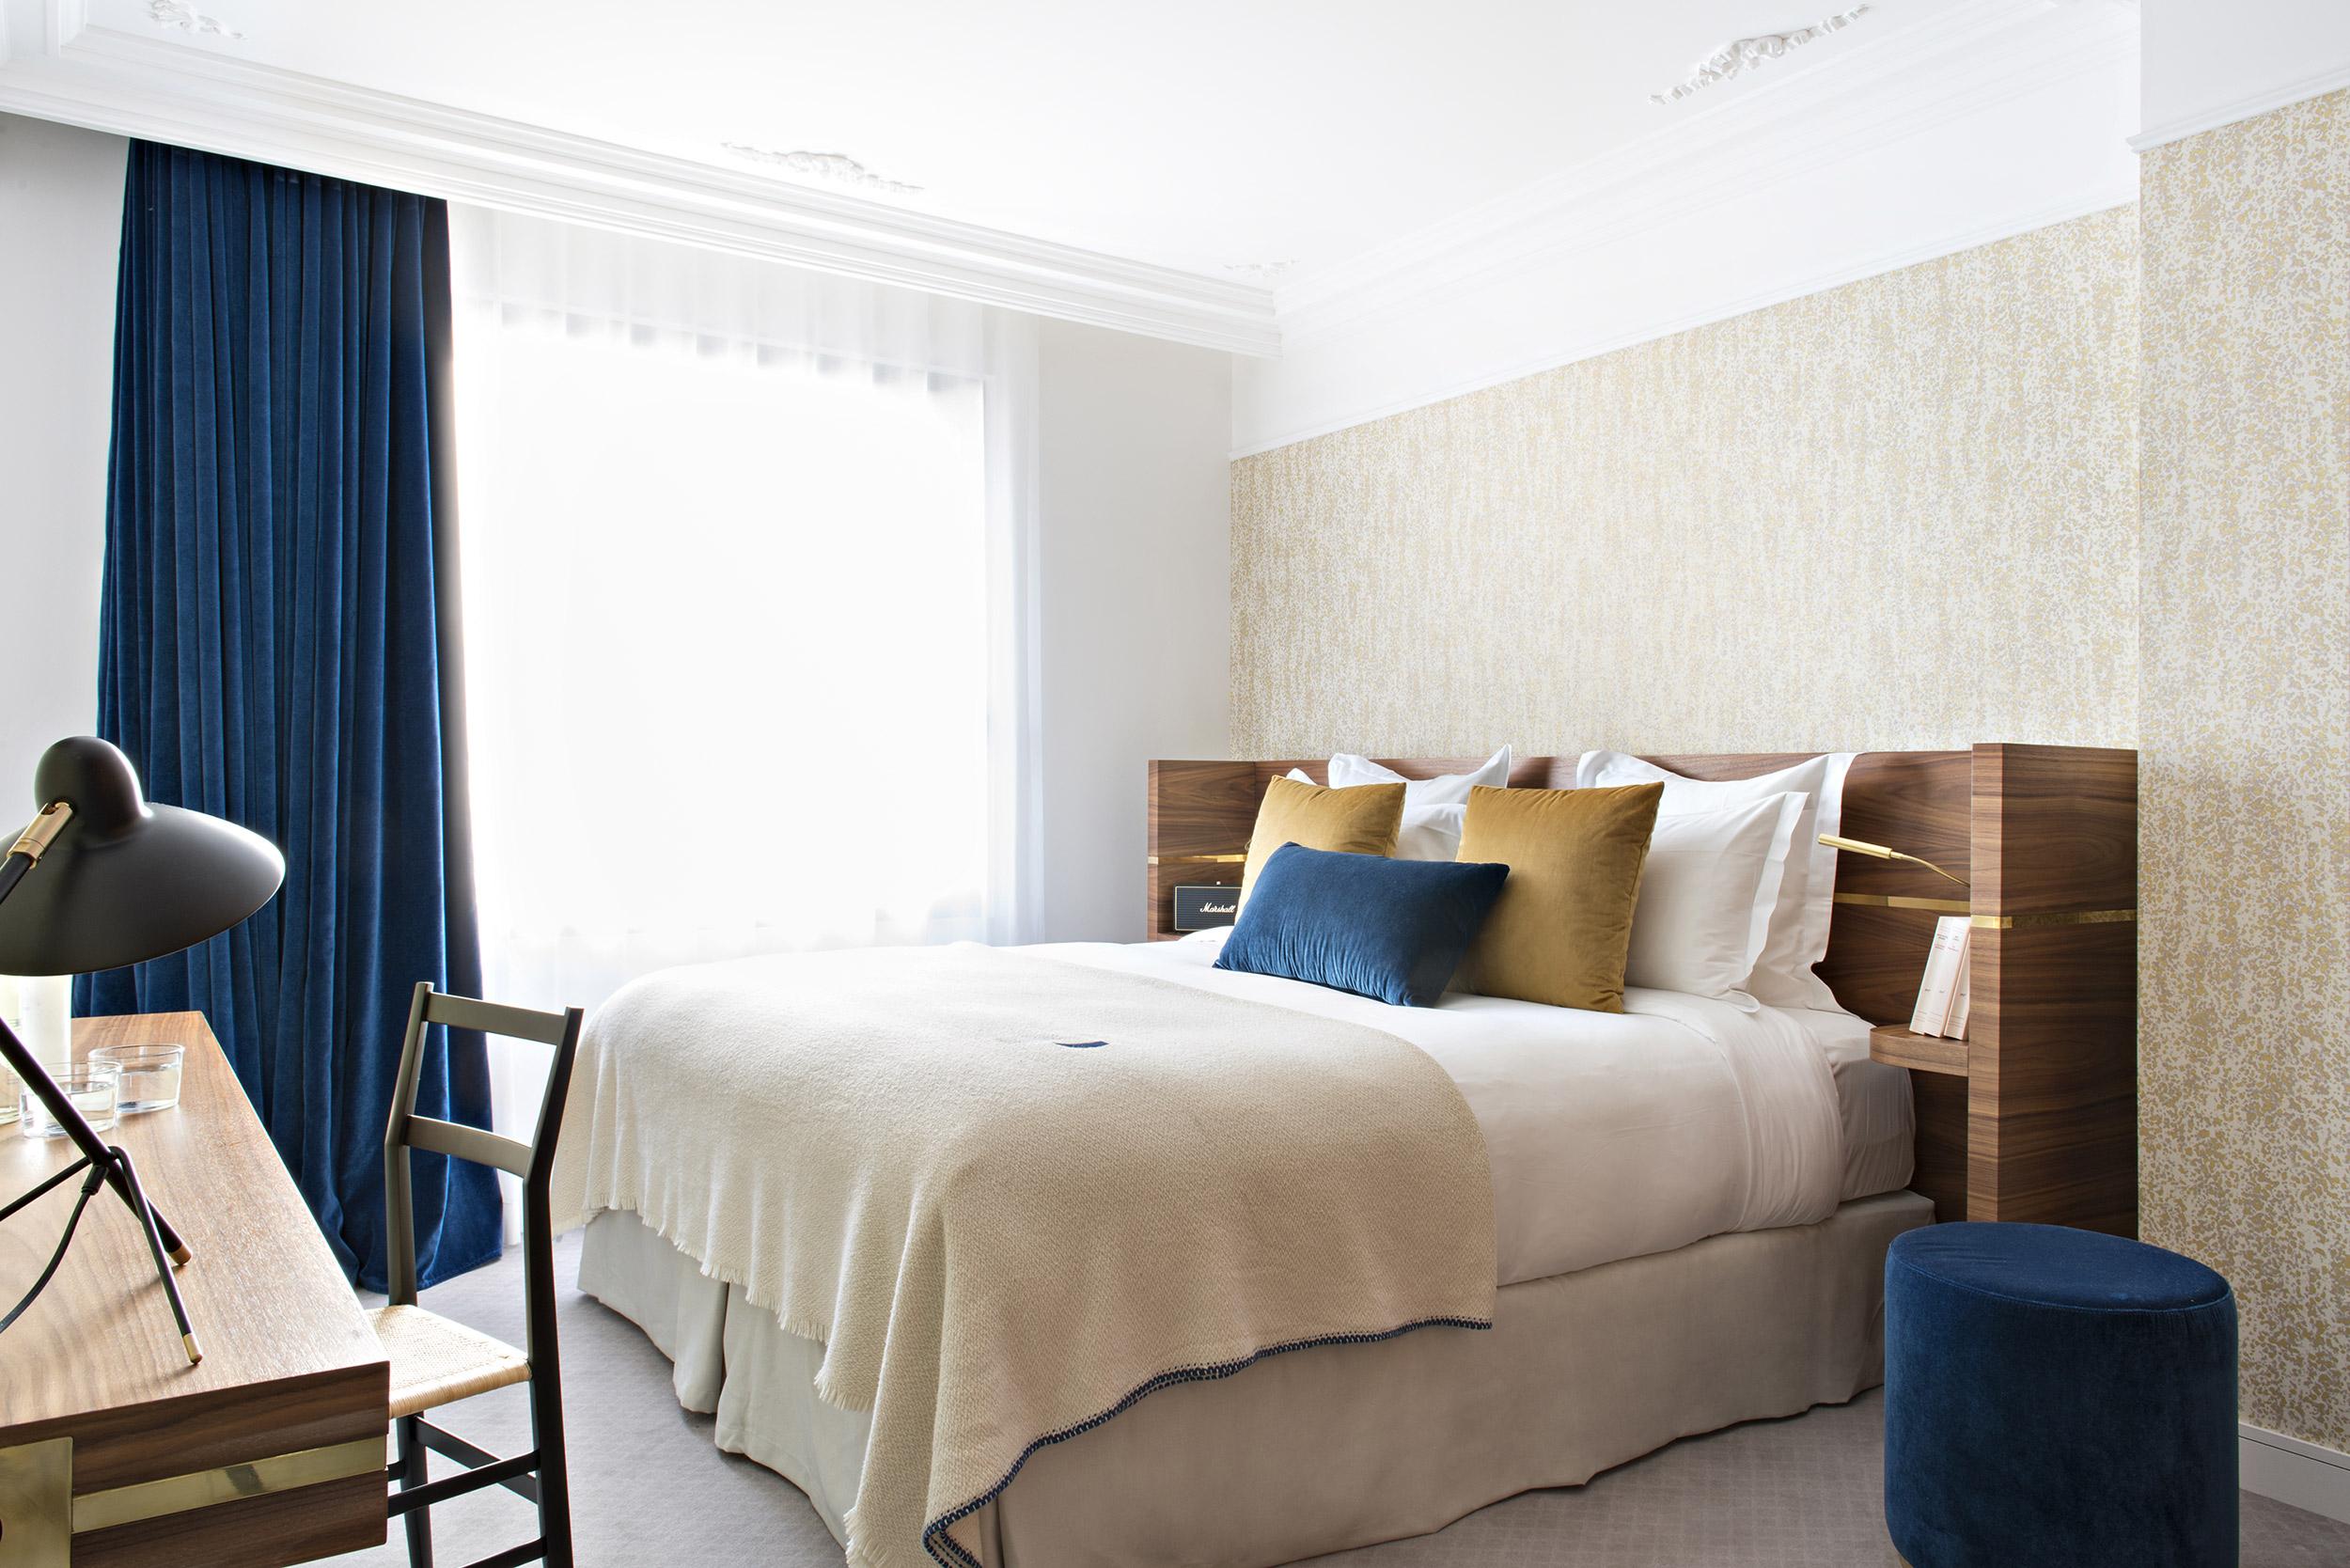 hotel-parister-deluxe-room-paris